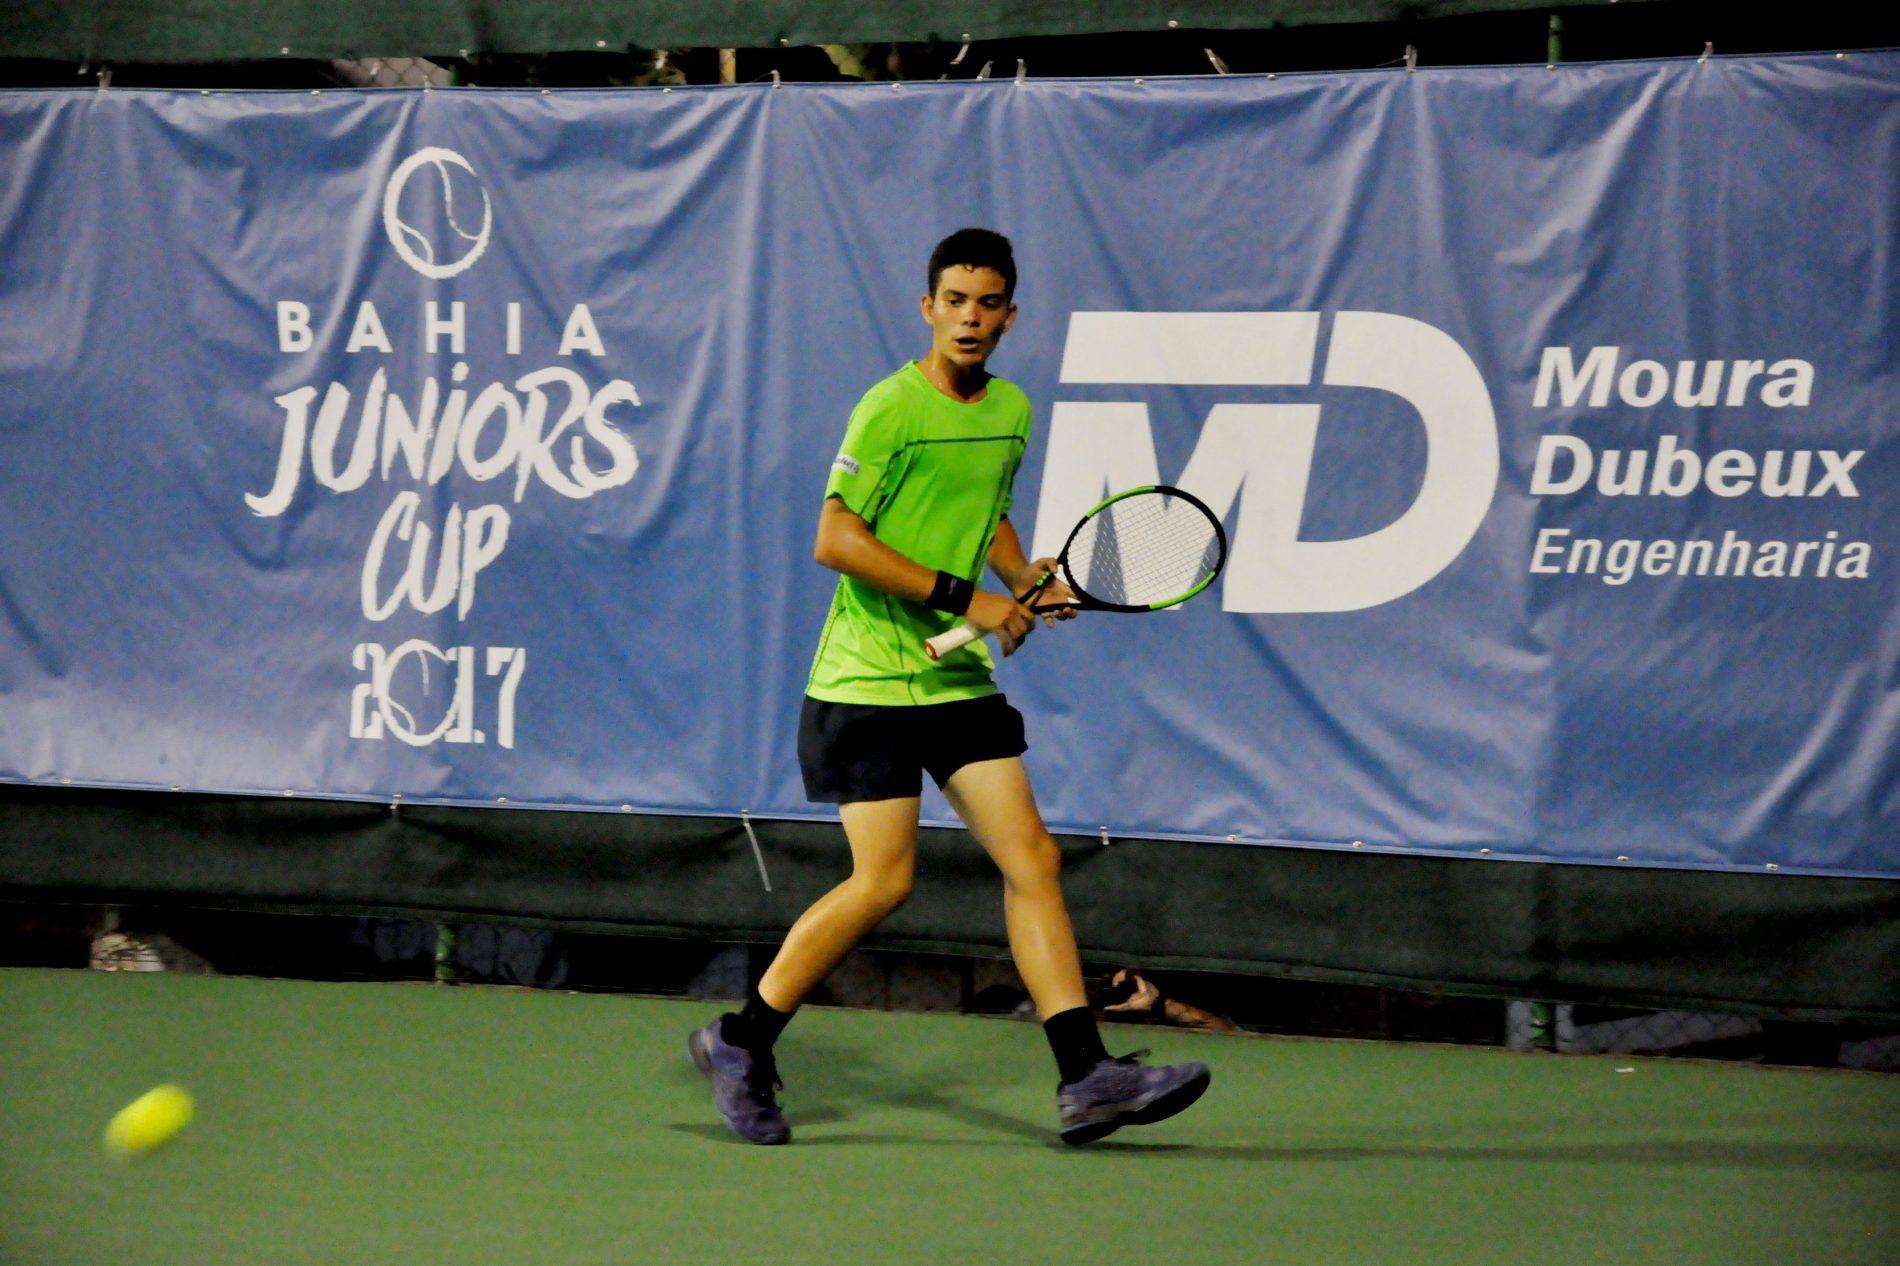 Tenistas de 22 países disputam 33º Bahia Juniors Cup, em Salvador